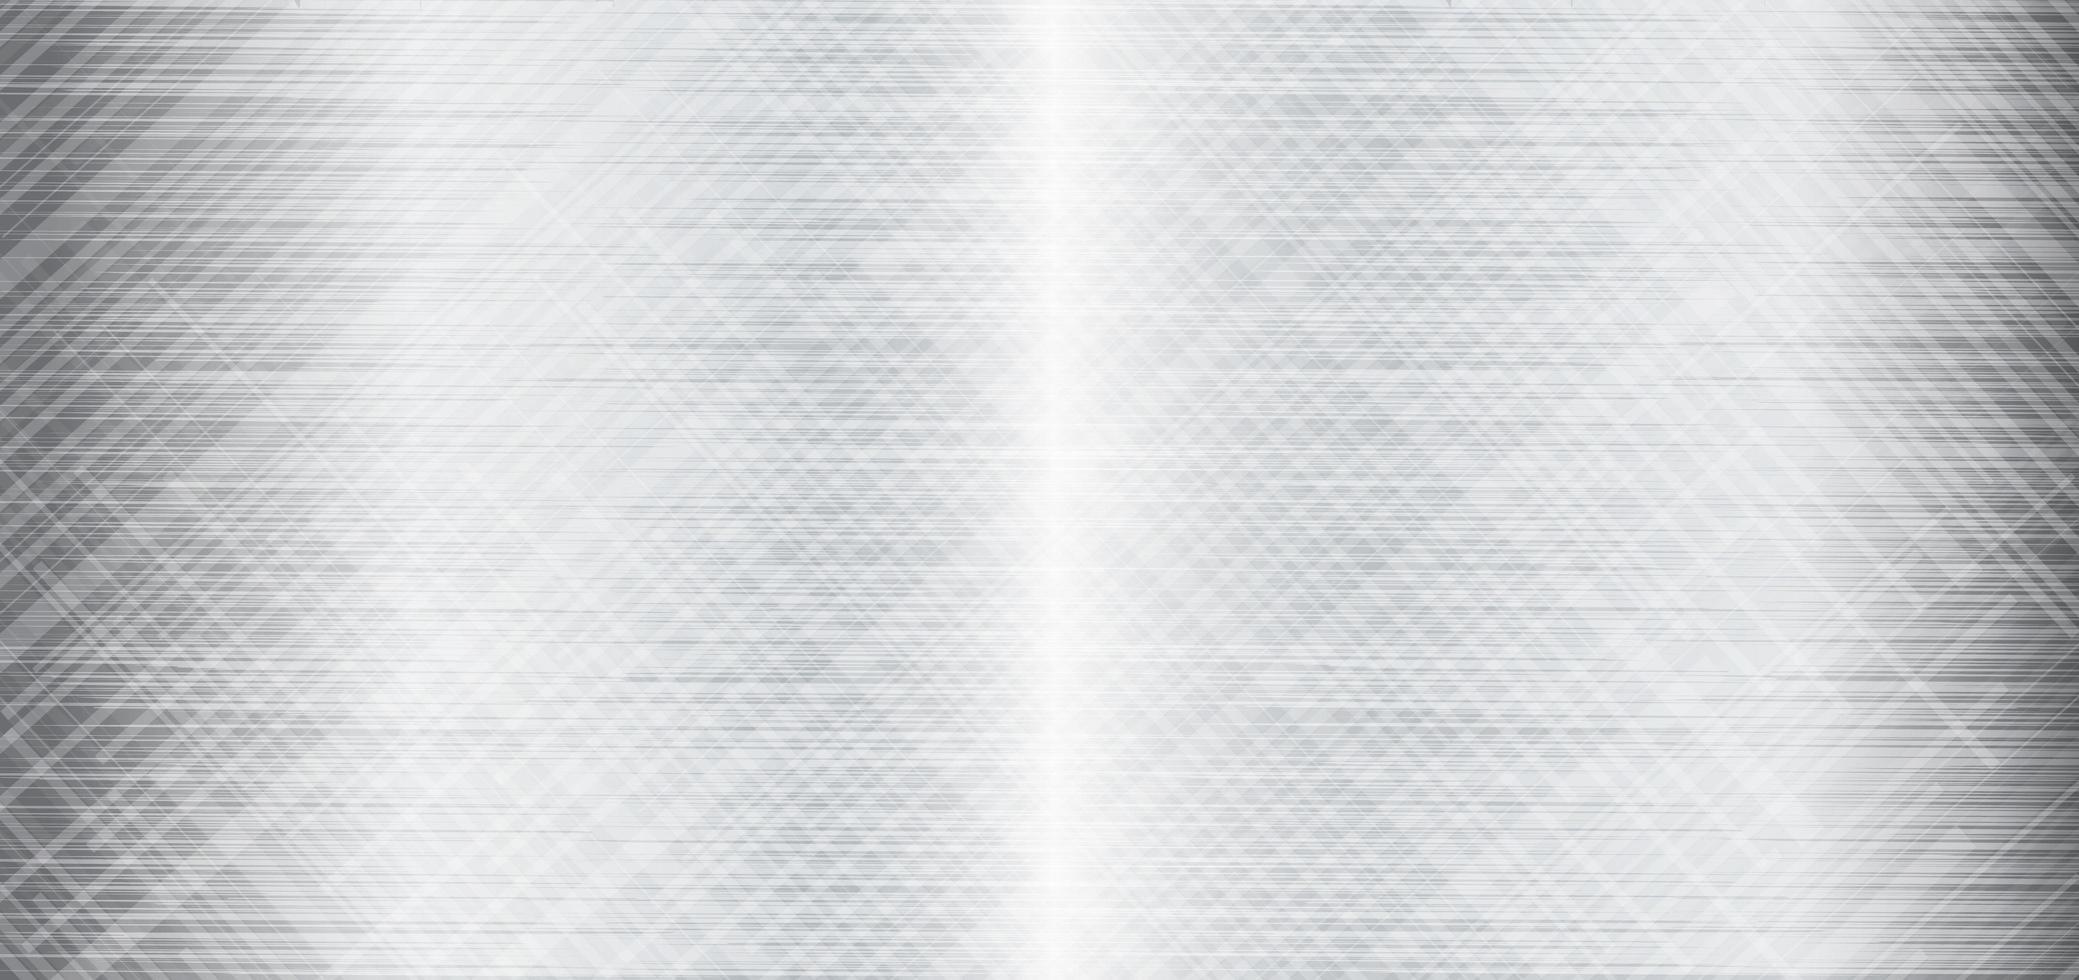 metalen textuur achtergrond, grijs metaal vector